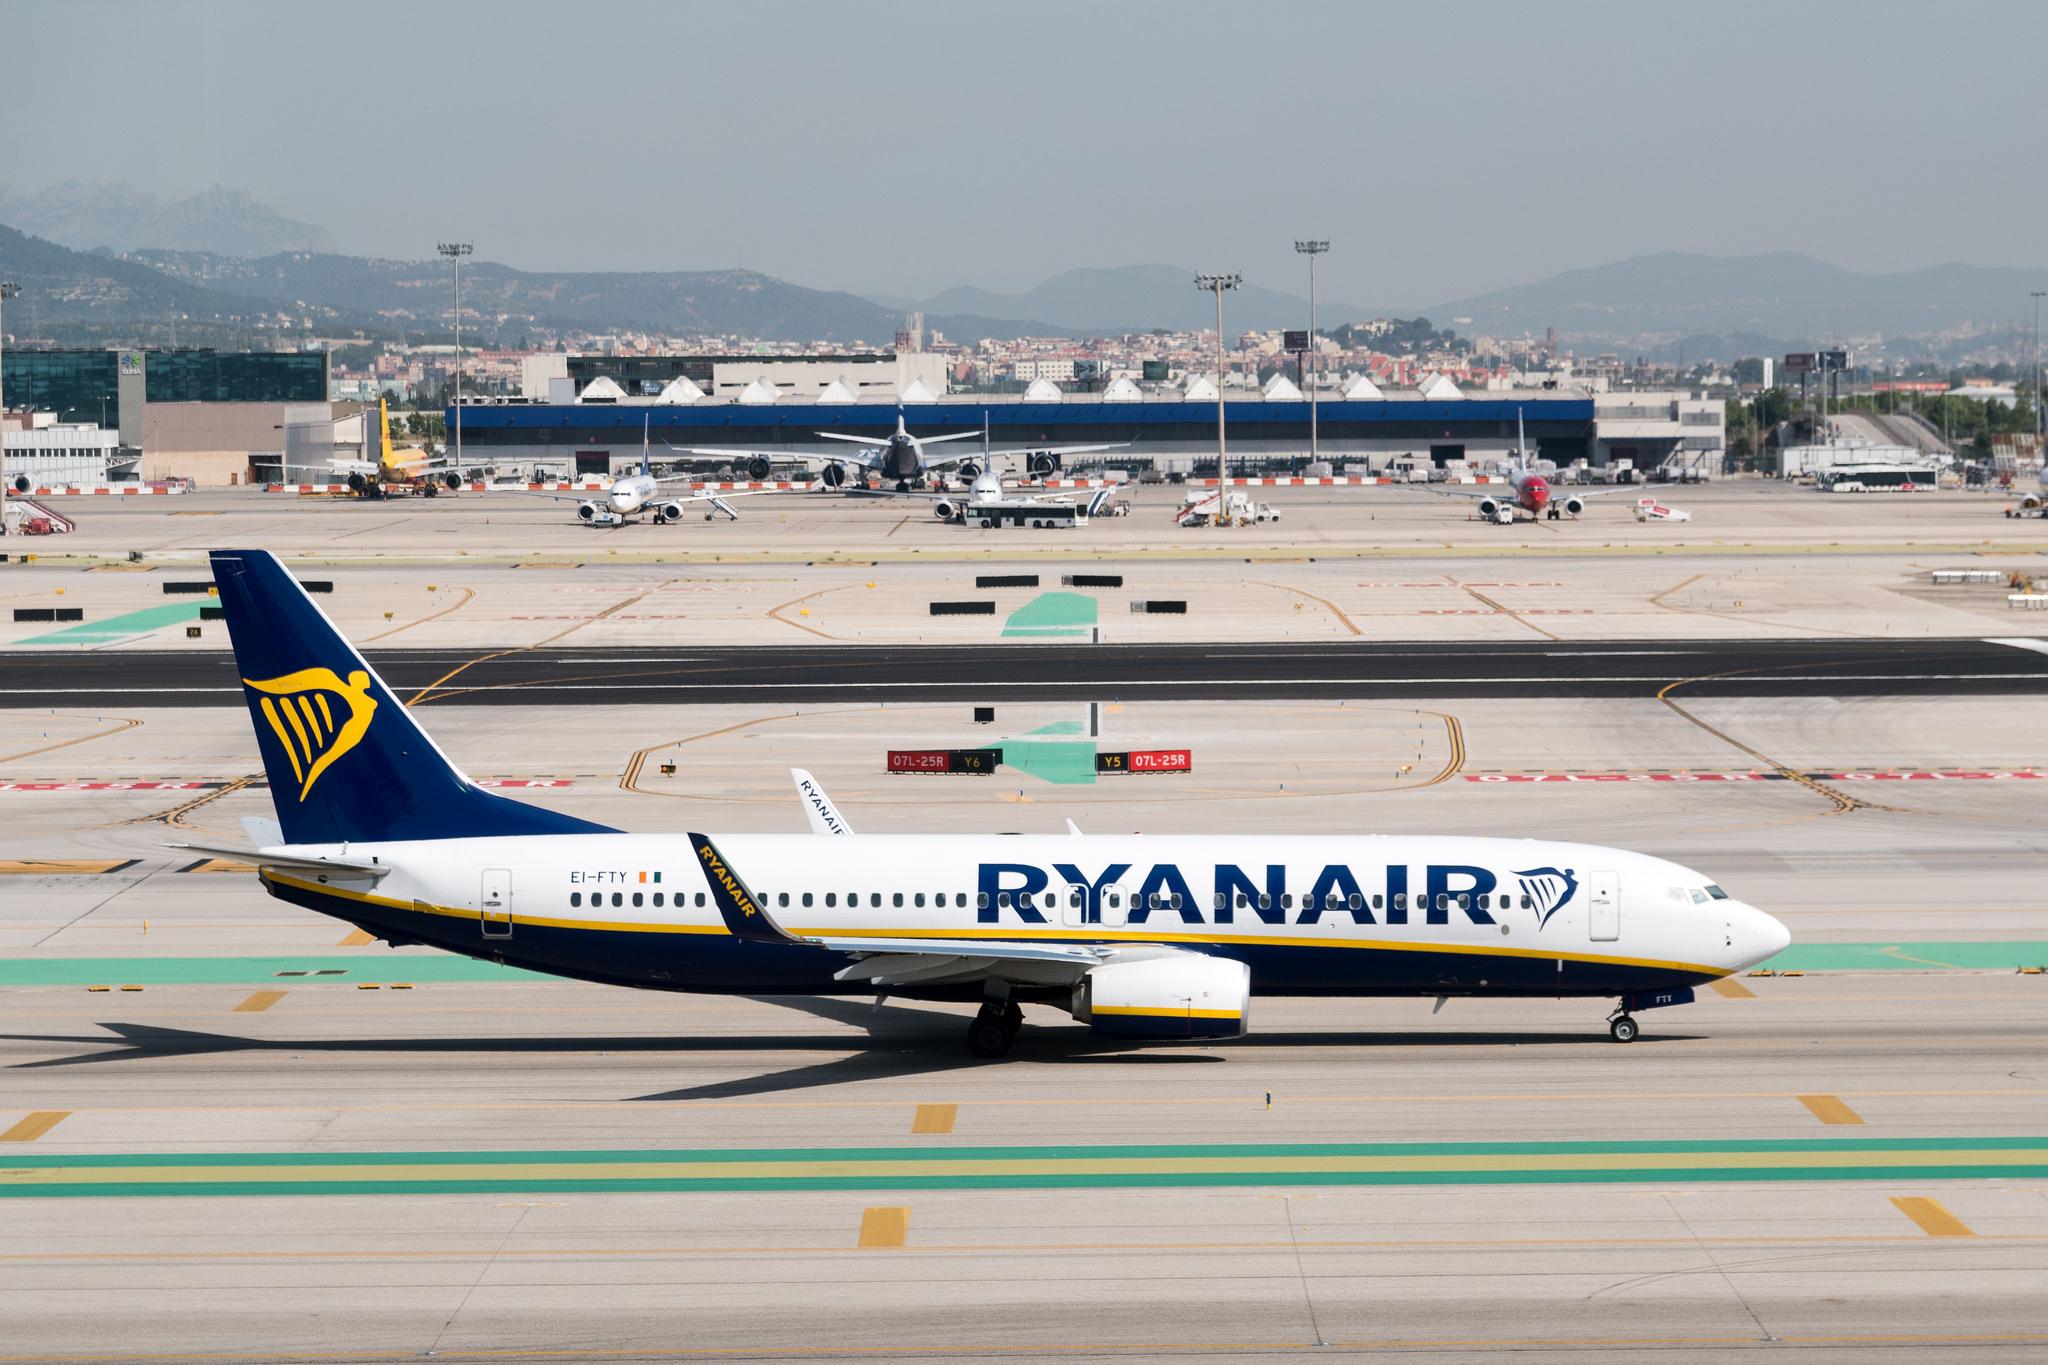 [One-Way Flug] Zwischen Hamburg und Brüssel für unter 1 € mit Ryanair (beide Richtungen möglich)